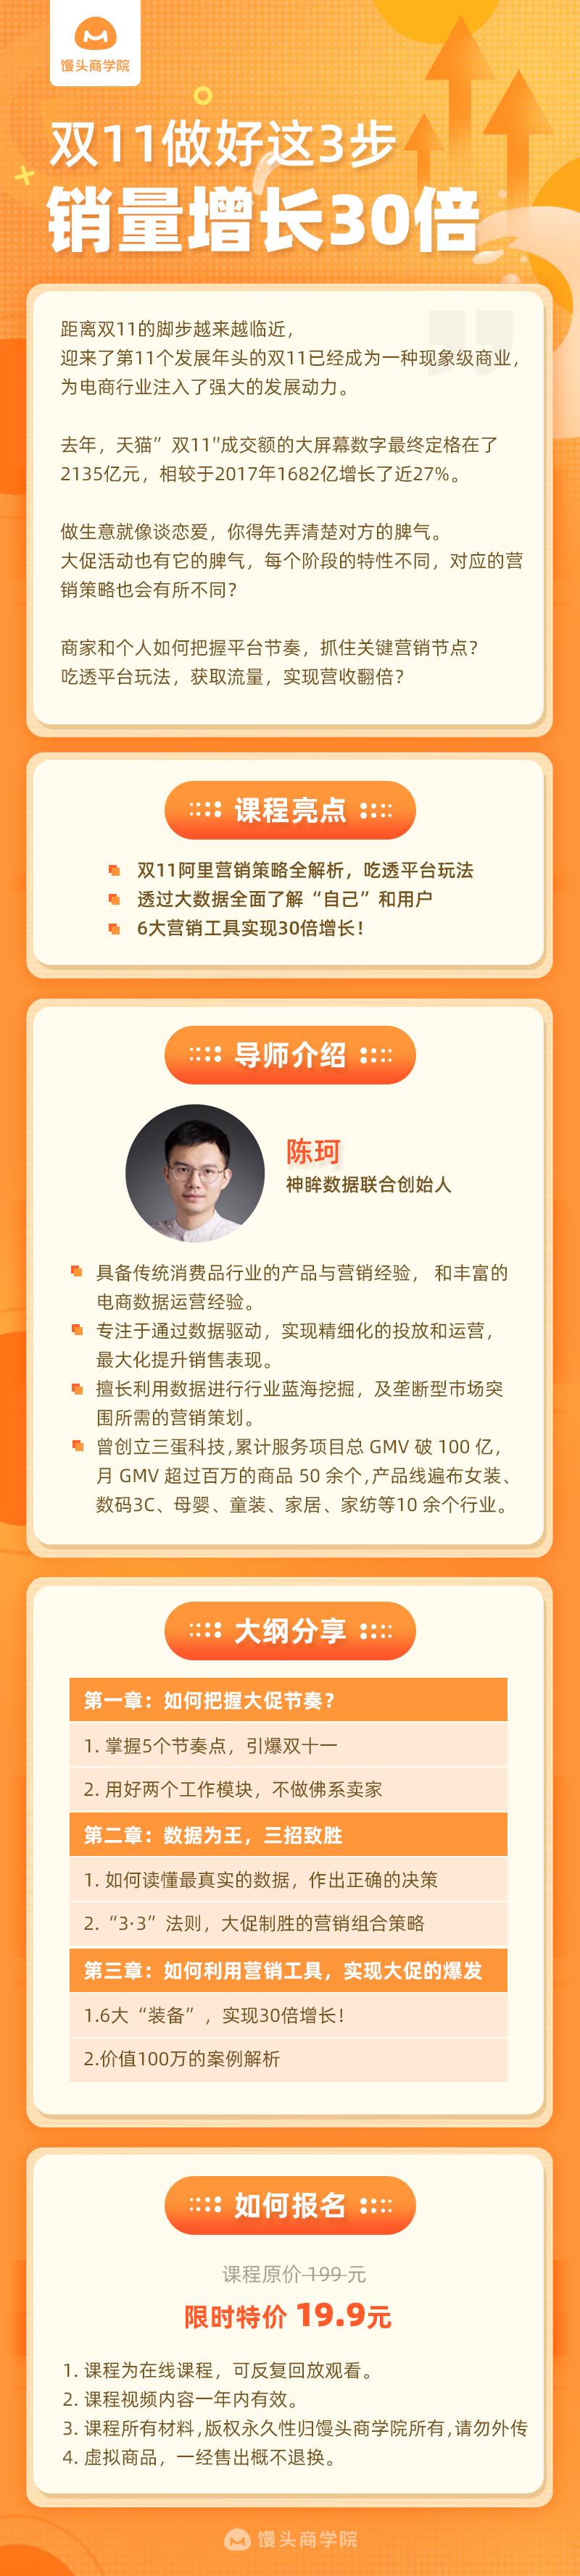 http://mtedu-img.oss-cn-beijing-internal.aliyuncs.com/ueditor/20191112140126_688423.jpg